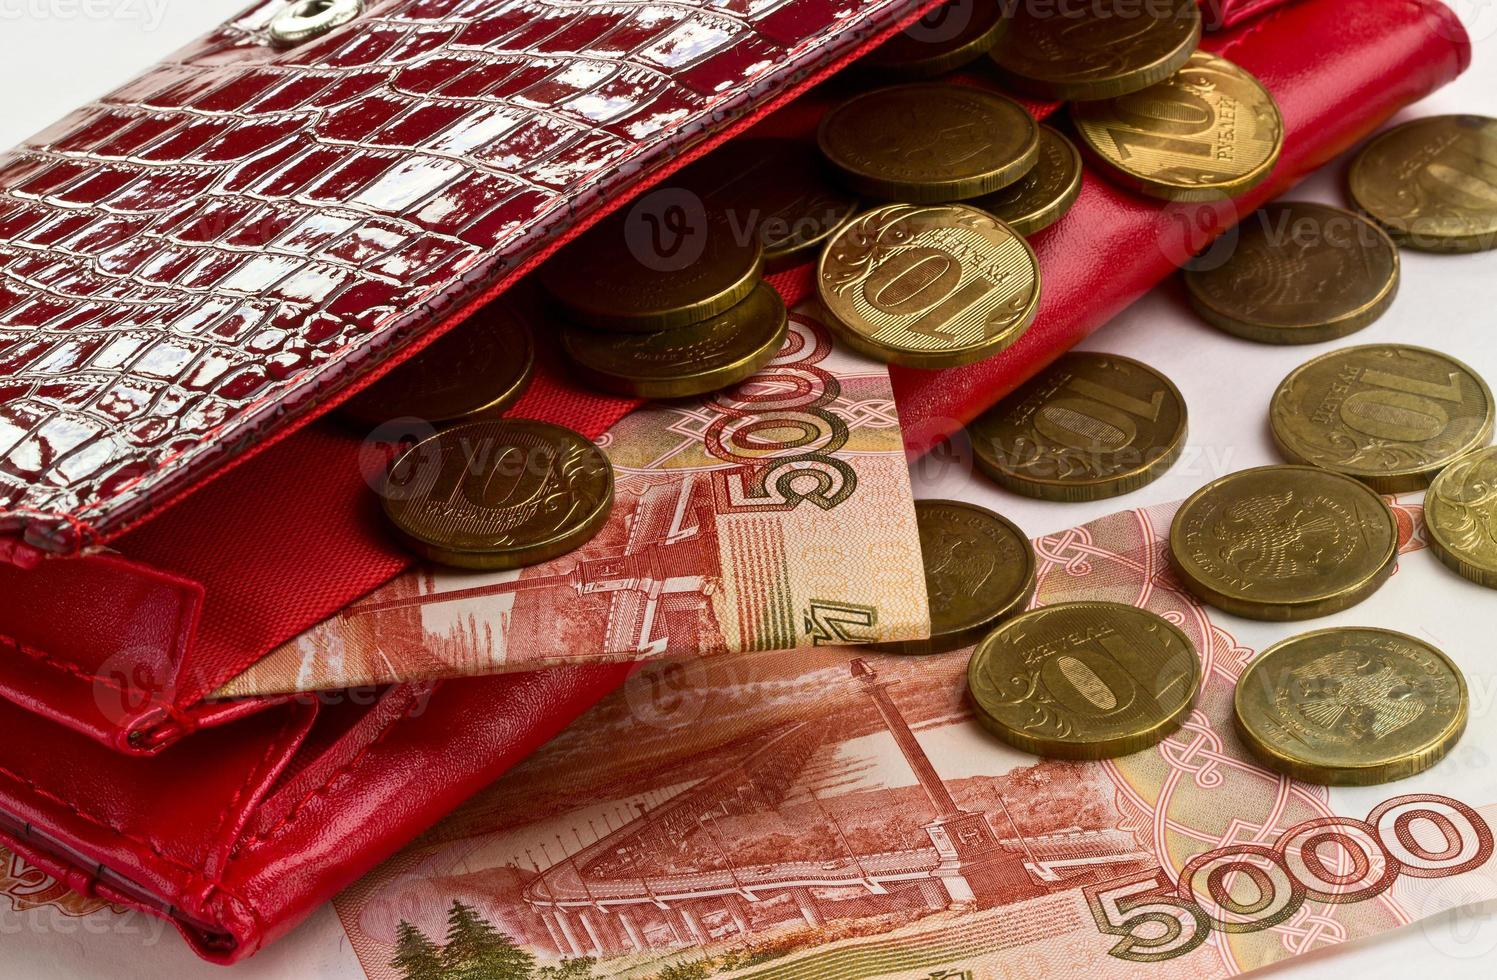 Geld in einer roten Handtasche foto